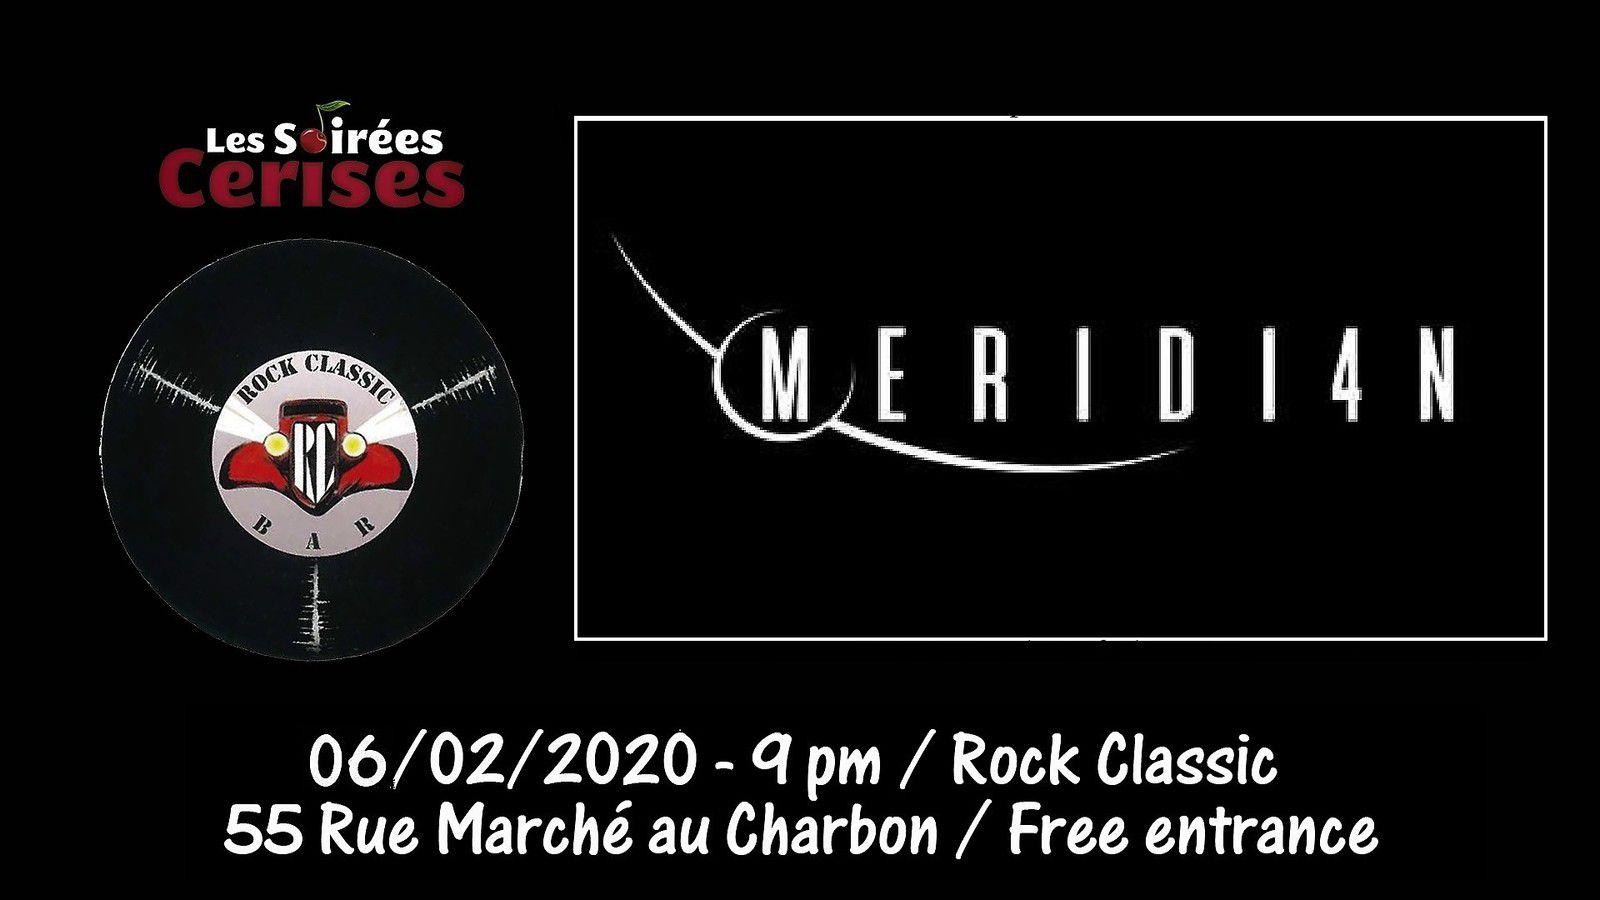 🎵 Meridi4n @ Rock Classic - 06/02/2020 - 21h00 - Entrée gratuite / Free entrance